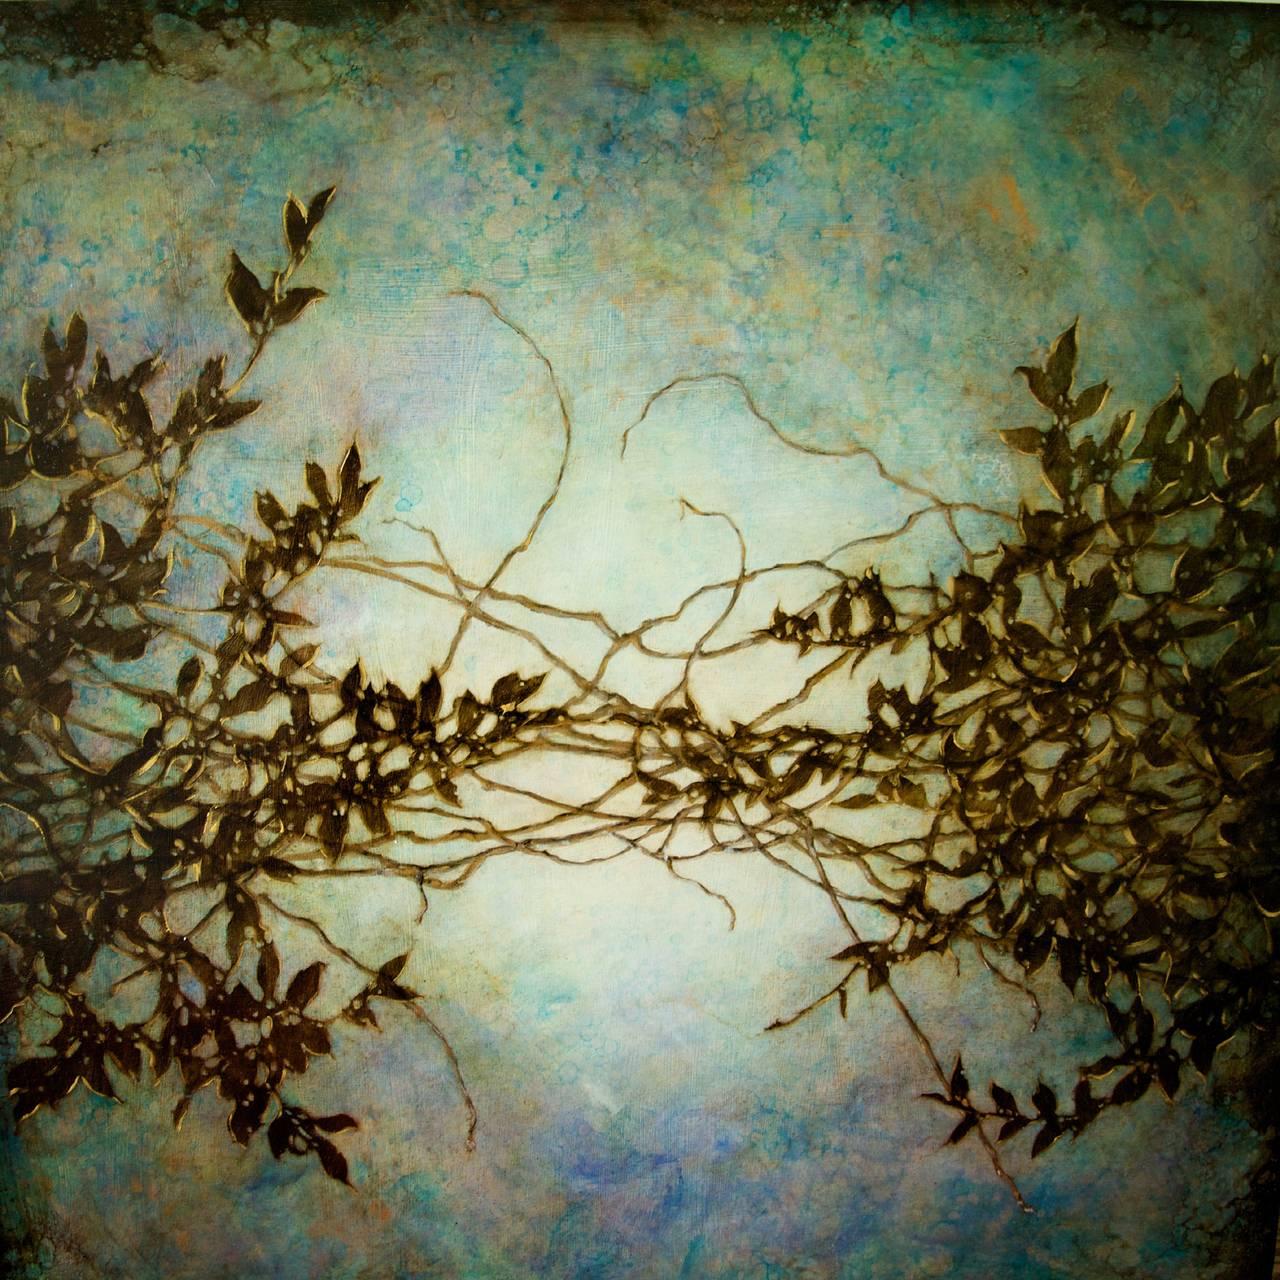 Michelle Gagliano - Wisteria in Blue 1